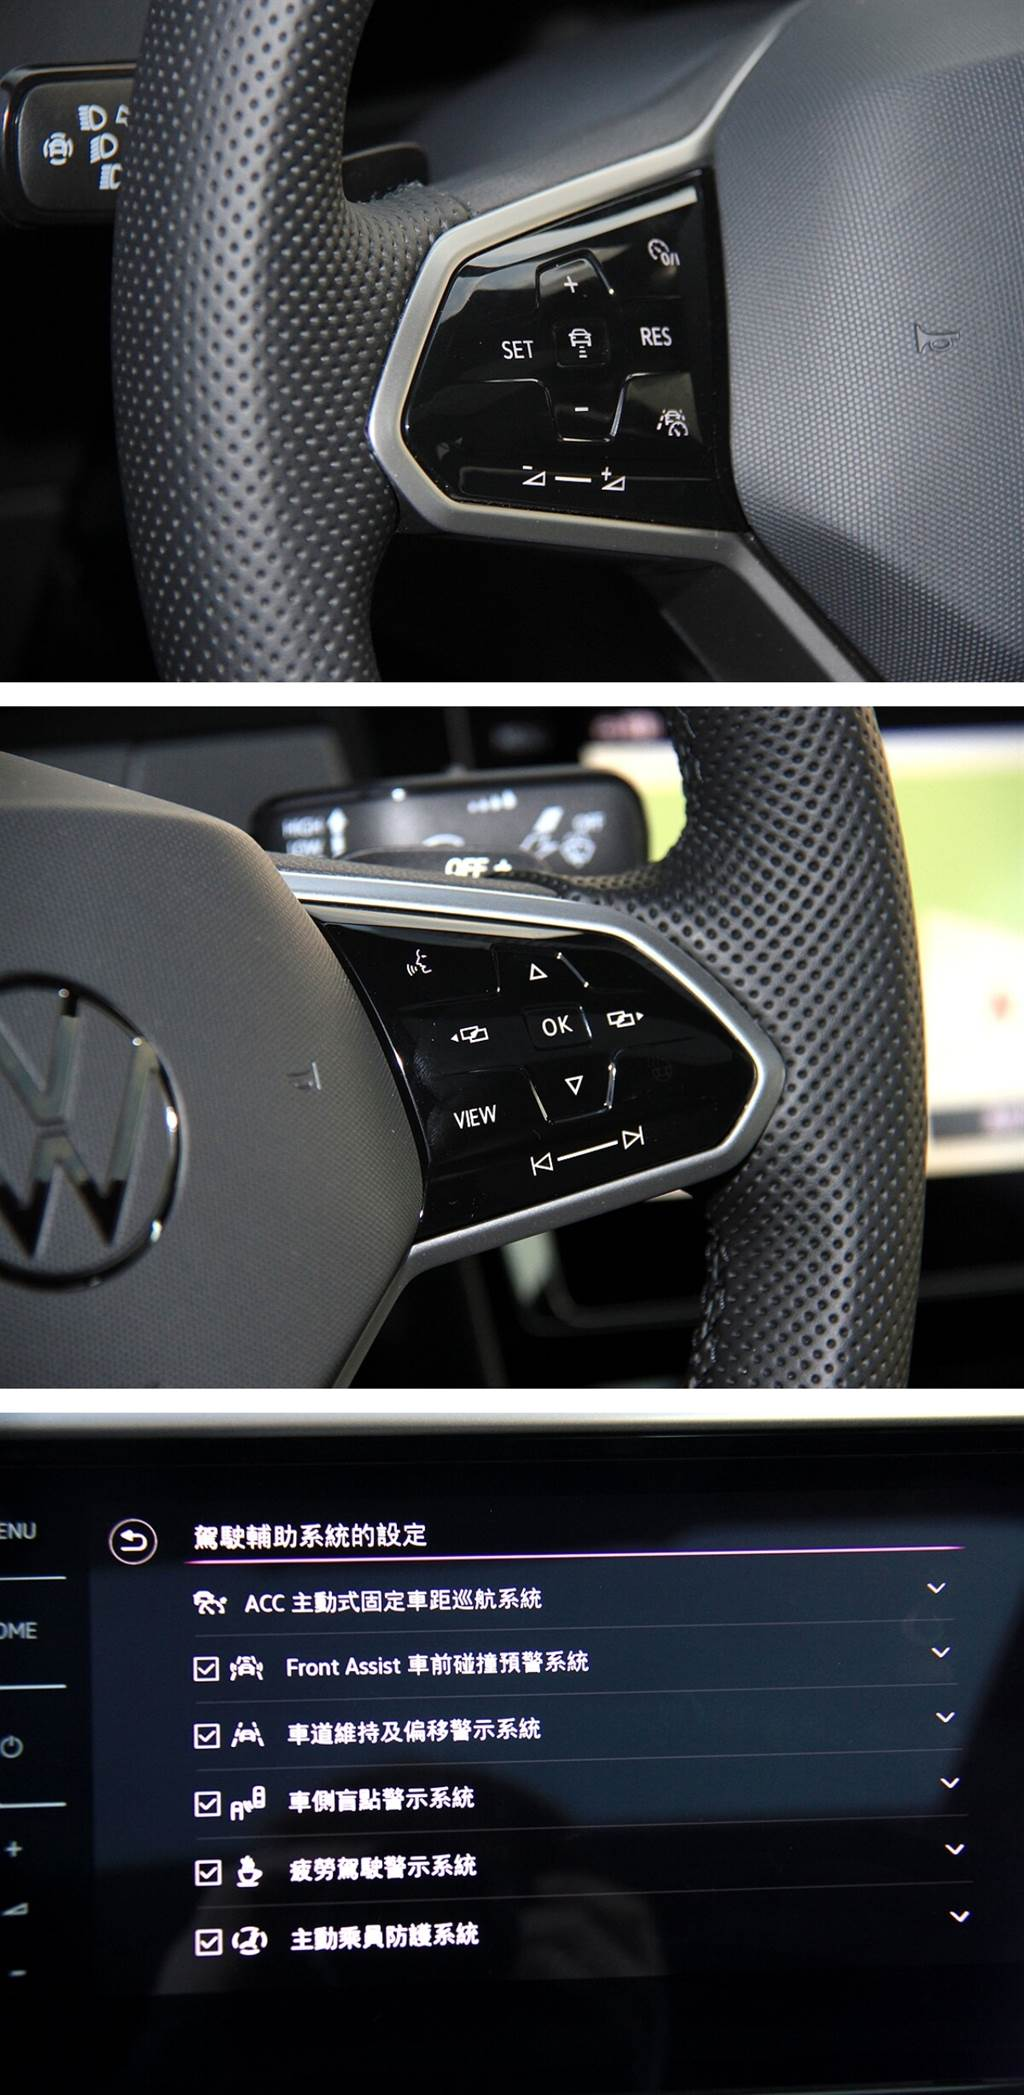 中央螢幕中ADAS駕駛輔助系統的個人化設定採用示意圖方式顯示,只要點取藍色相關圖示就能進行自定義設定。